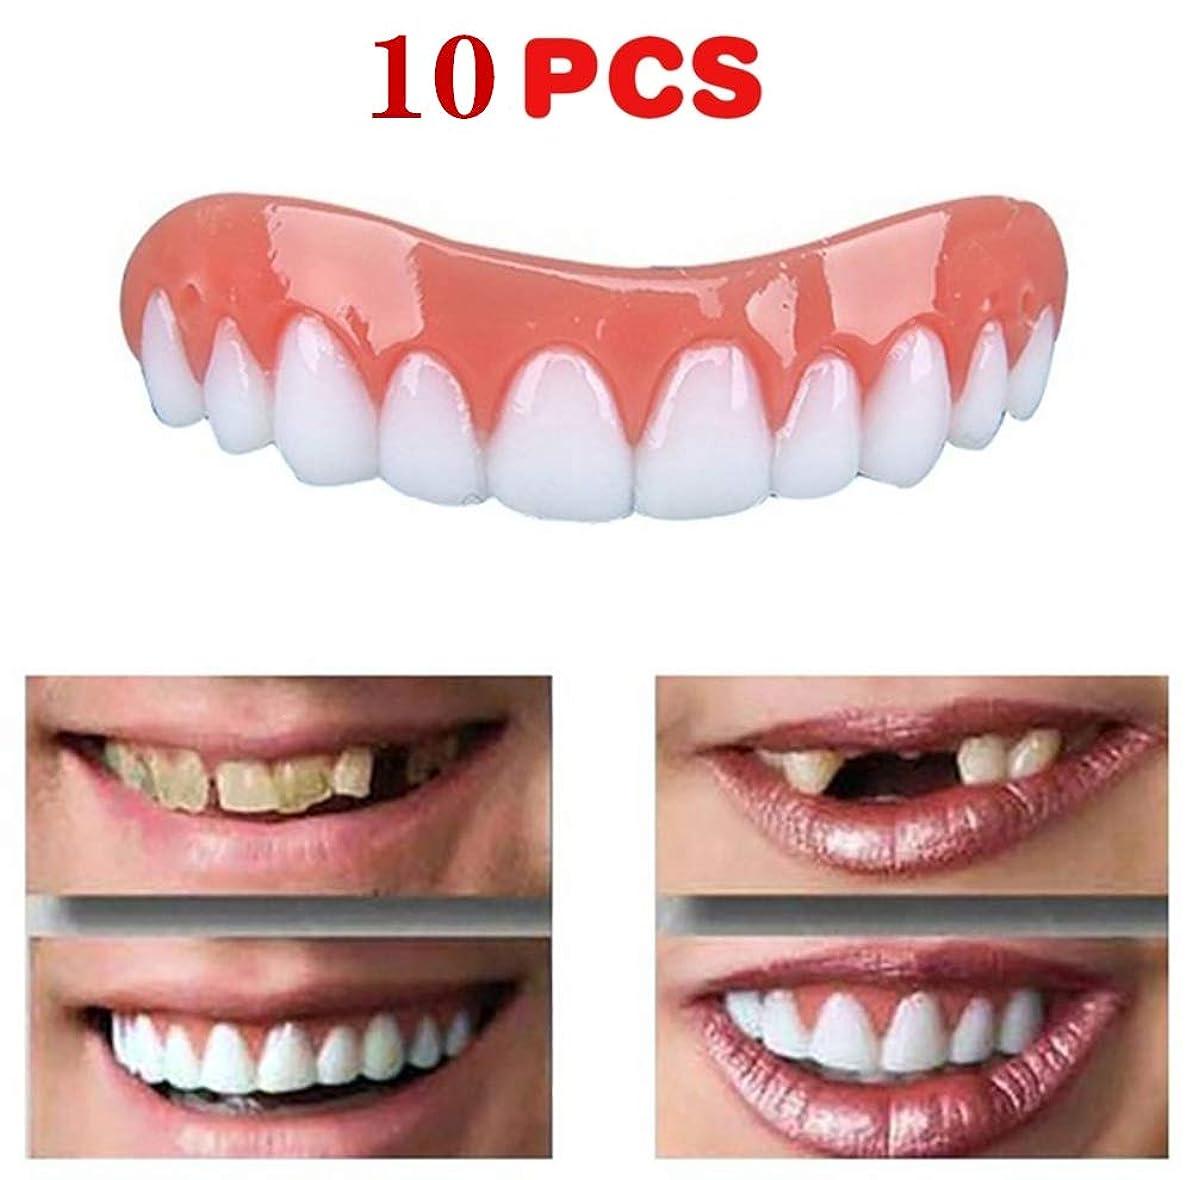 記録わざわざ引っ張る10ピース新しい再利用可能な大人のスナップオンパーフェクトスマイルホワイトニング義歯フィットフレックス化粧品歯快適な突き板カバーデンタルケアアクセサリー